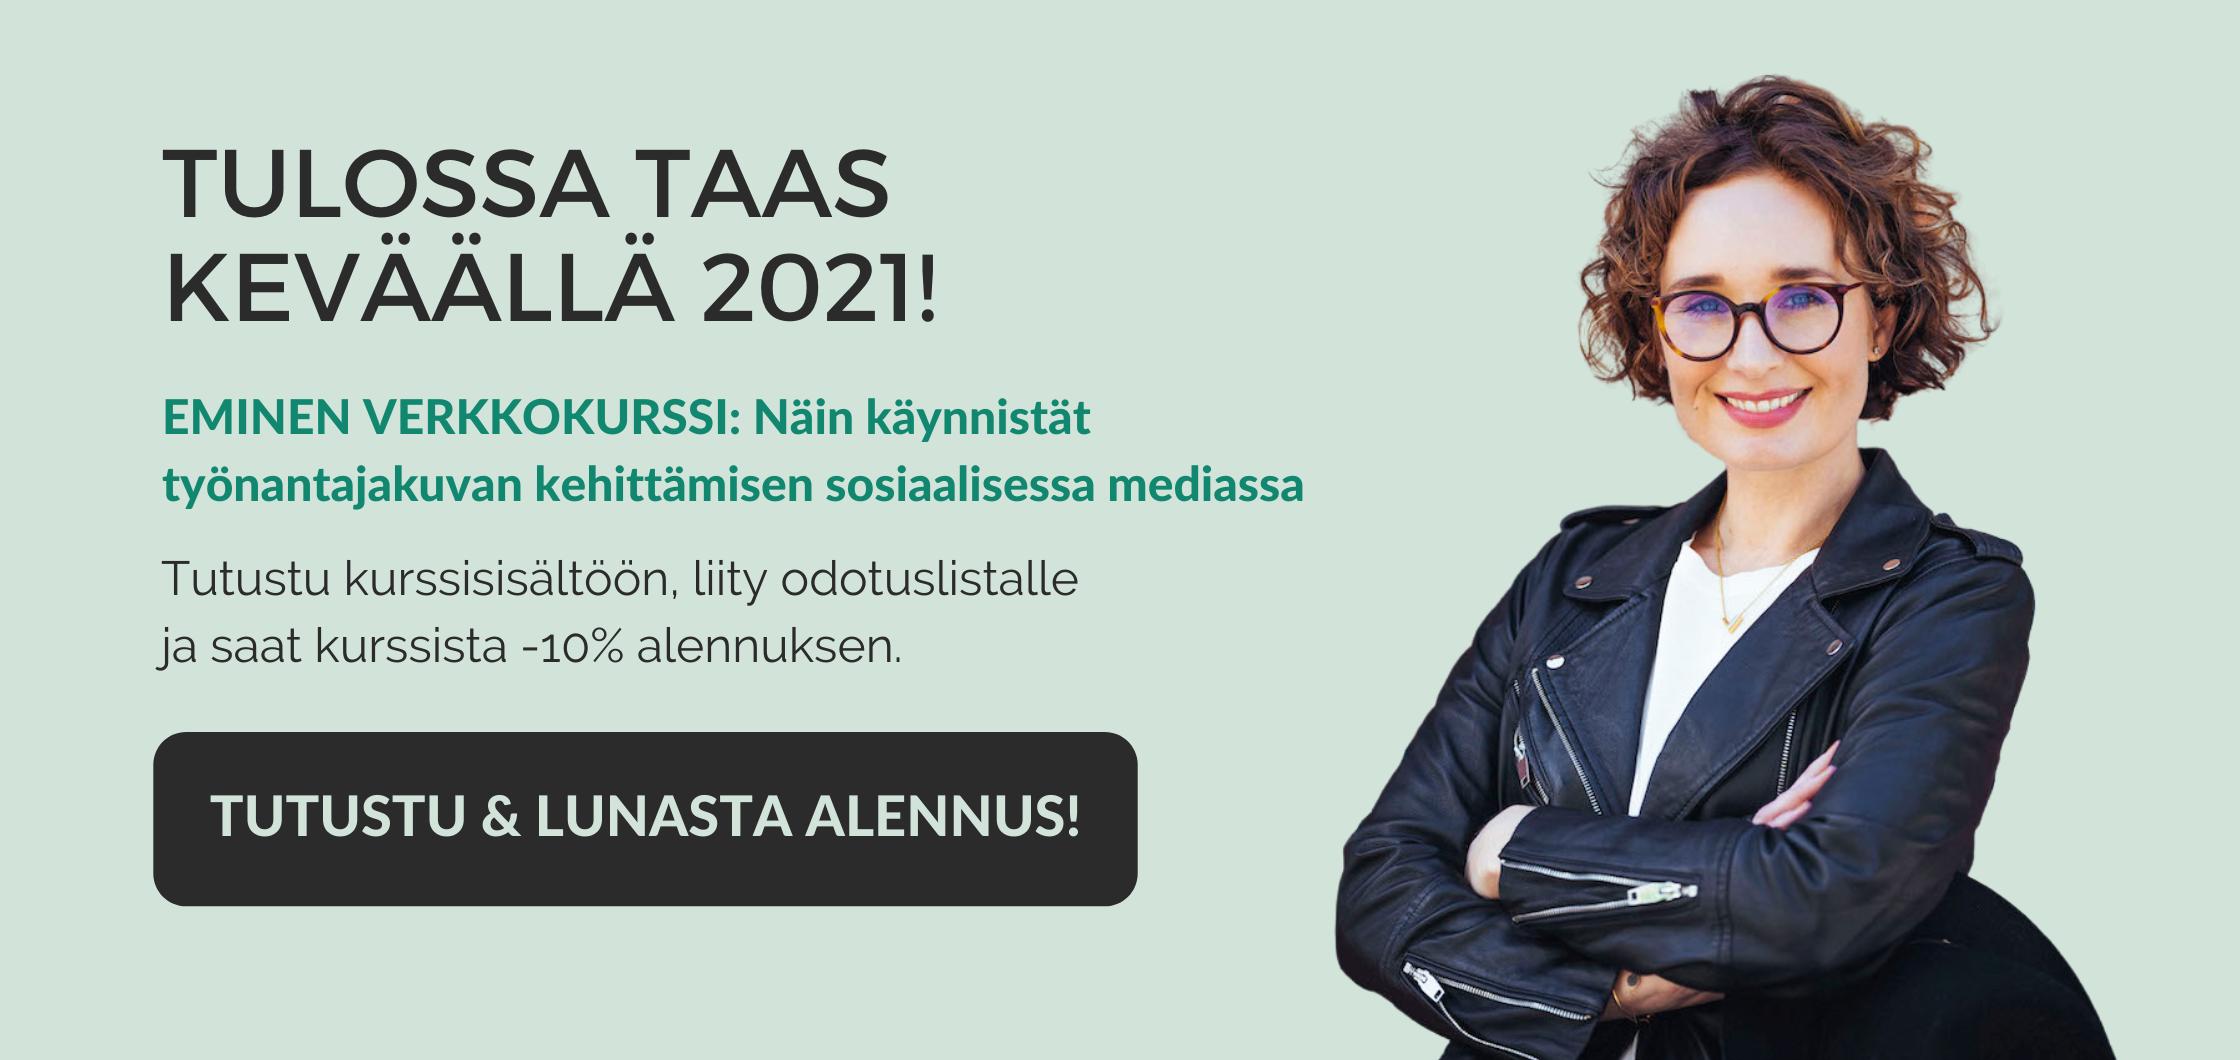 Työnantajakuvan kehittäminen somessa -verkkokurssi tulossa keväällä 2021